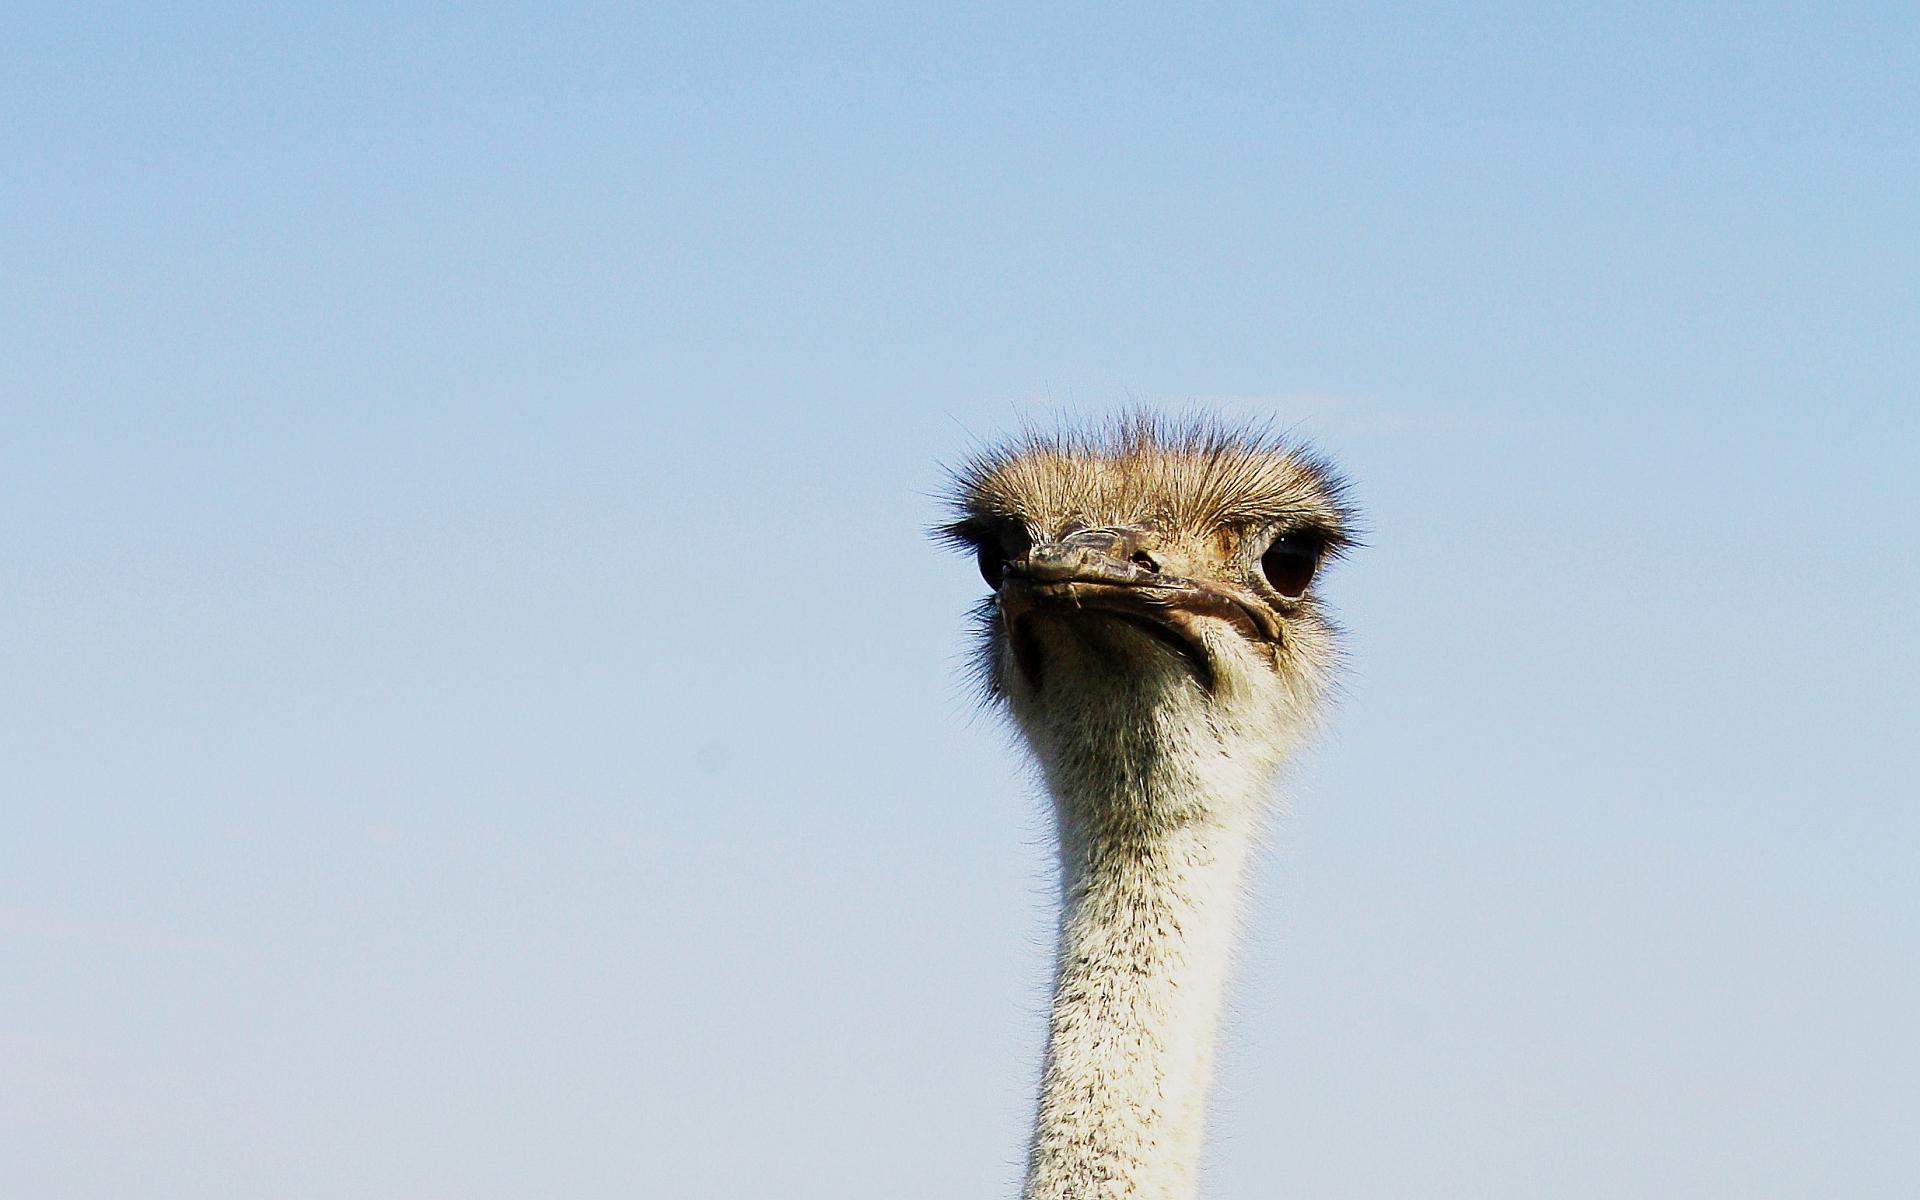 ostrich wallpaper